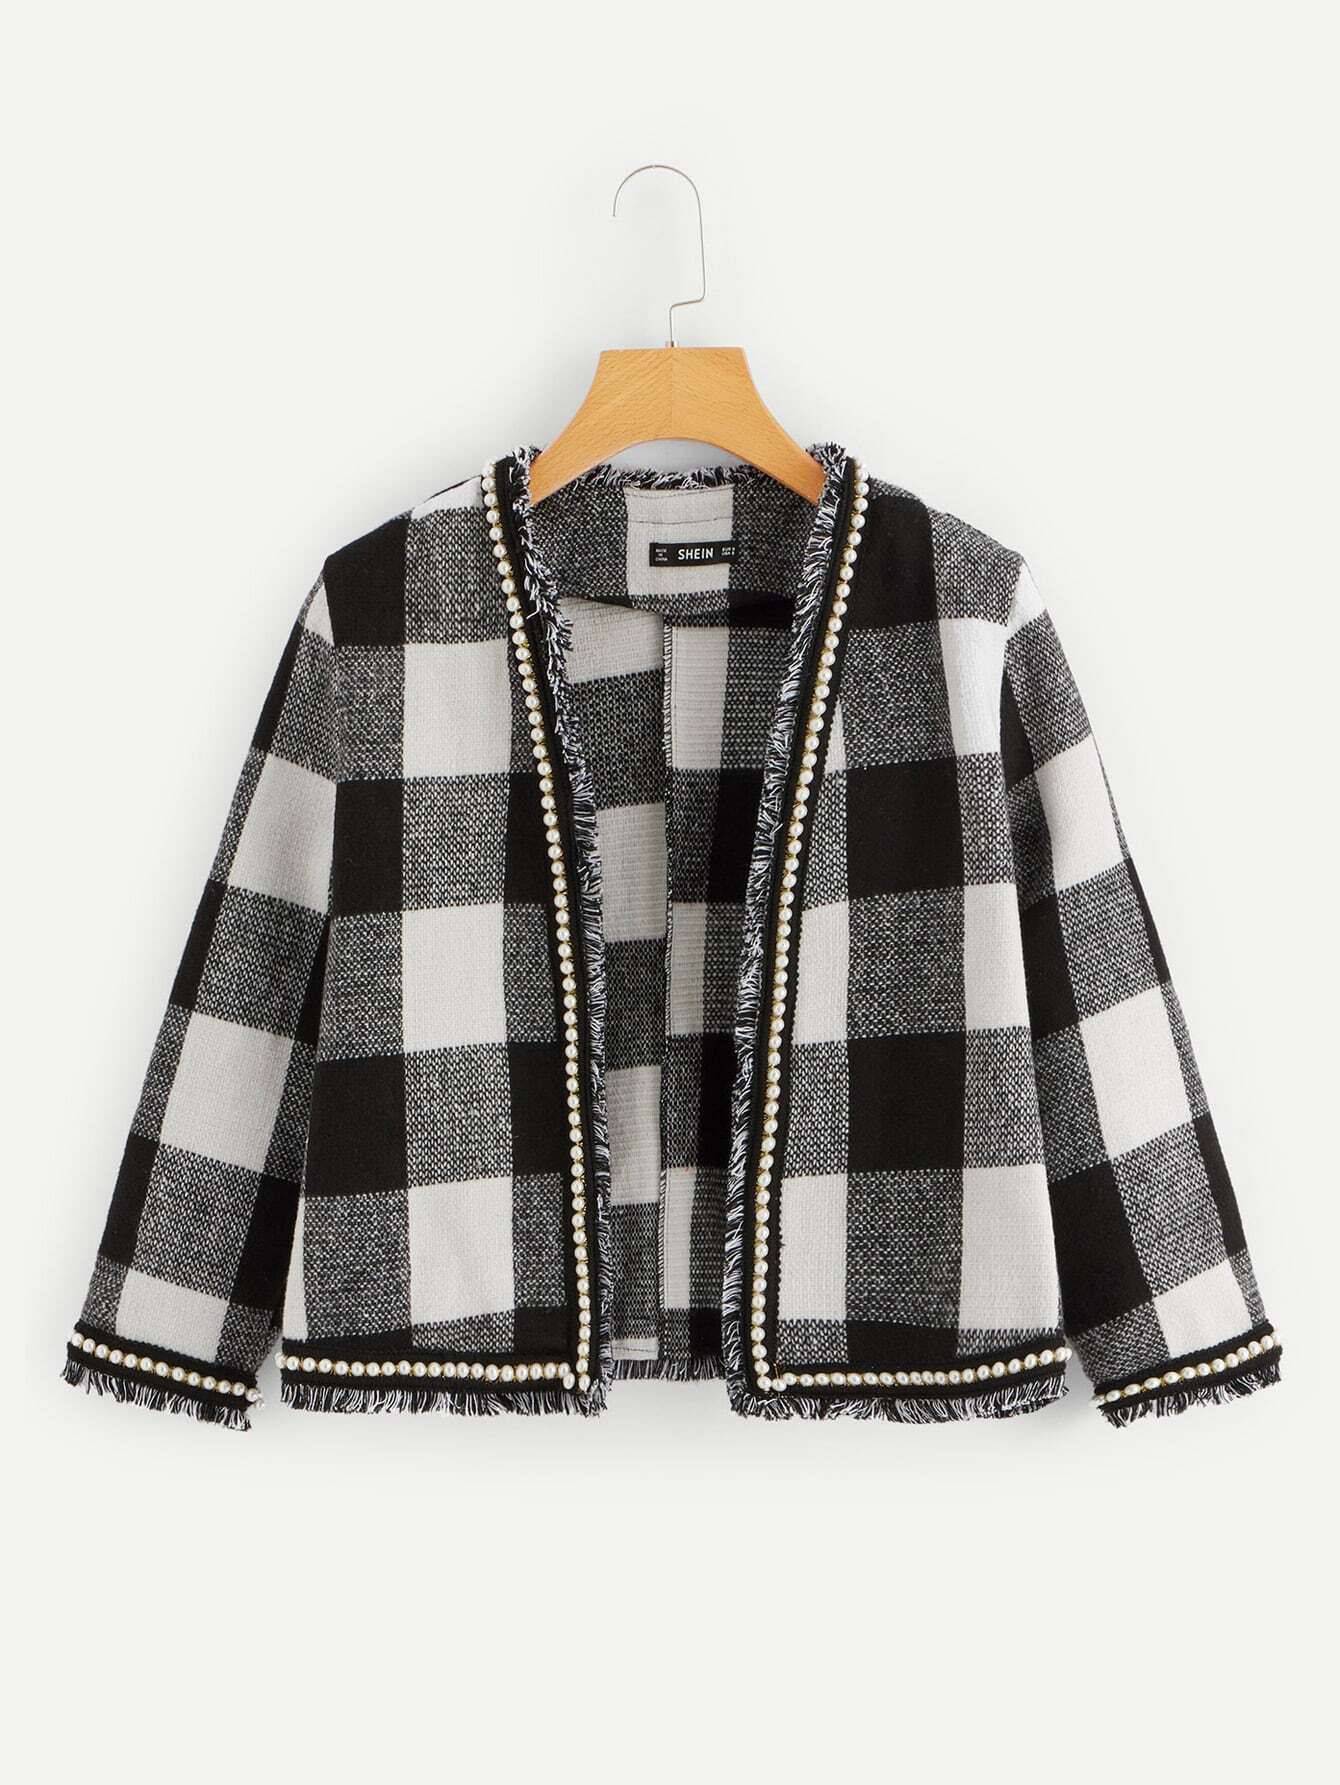 Фото - Твидовое пальто с бахромой с бисерами от SheIn цвет чёрнобелые